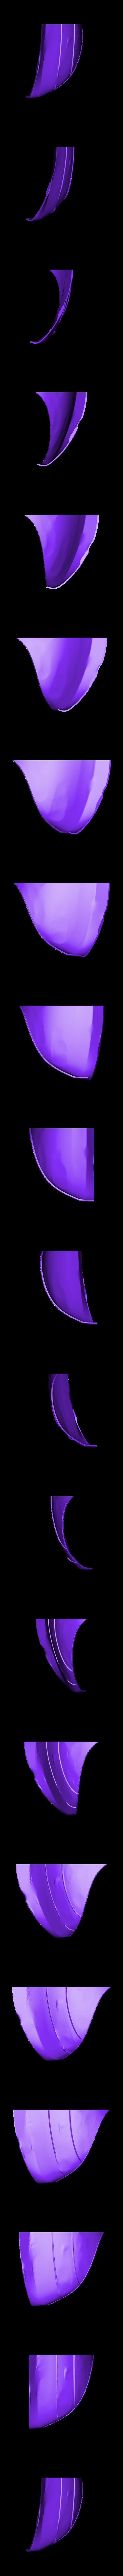 Part_4.stl Télécharger fichier STL gratuit Pour Honor Lawbringer Helm - Chevalier • Objet à imprimer en 3D, VillainousPropShop